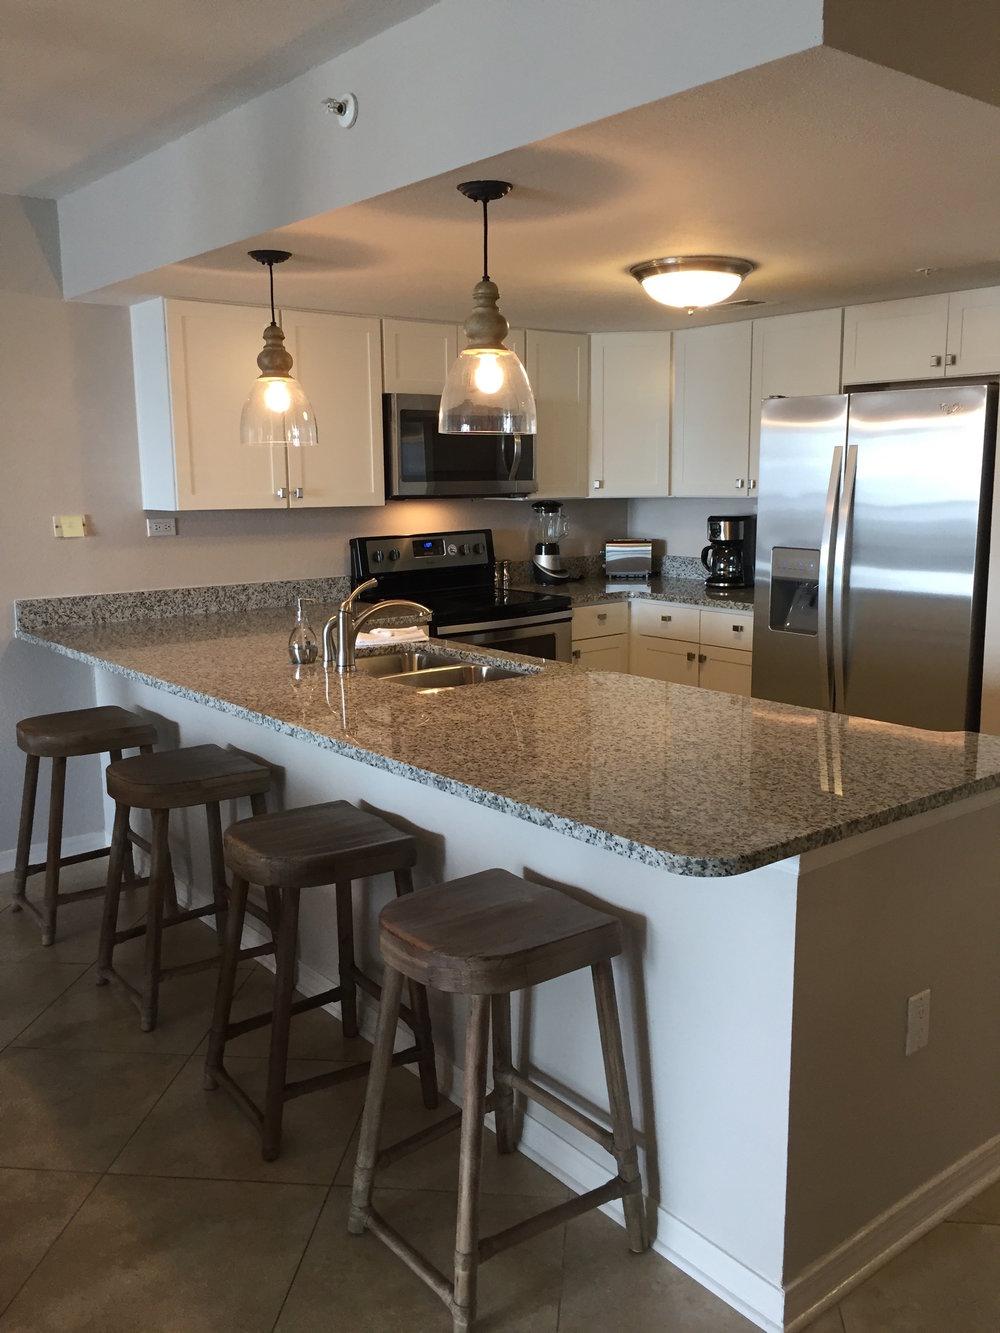 A recent client kitchen remodel